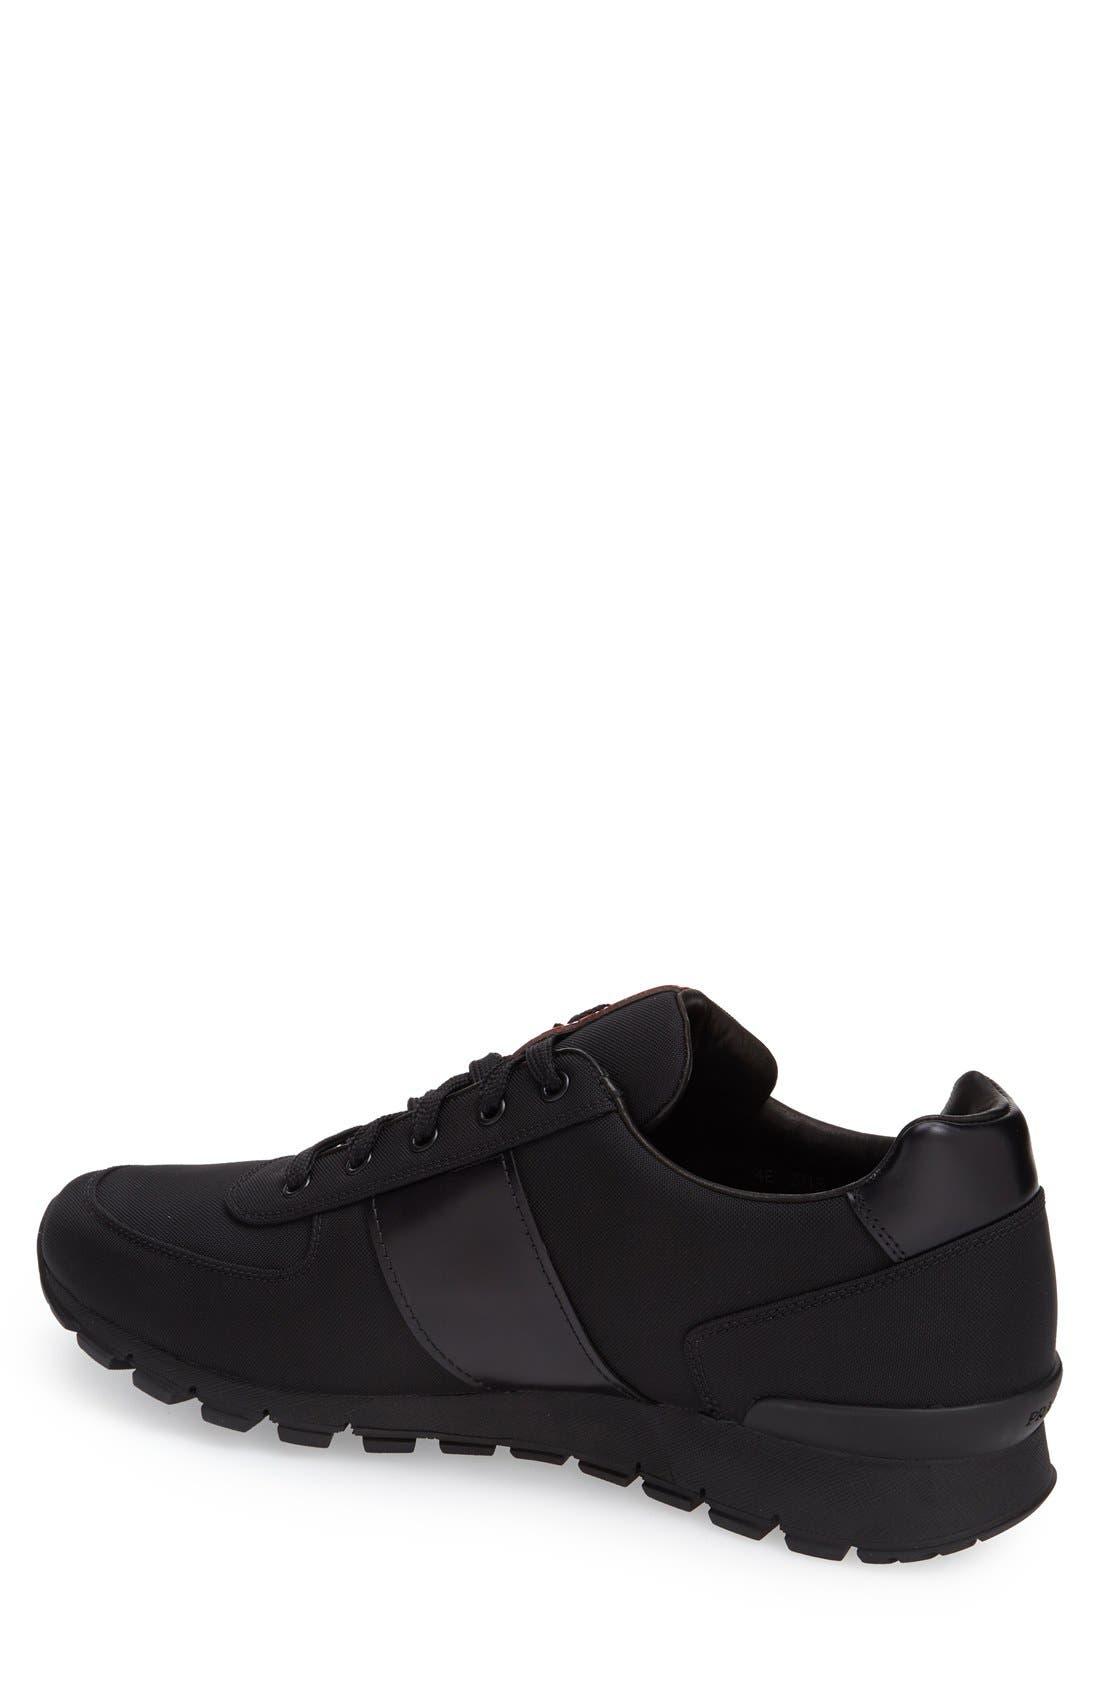 Runner Sneaker,                             Alternate thumbnail 2, color,                             Black Fabric